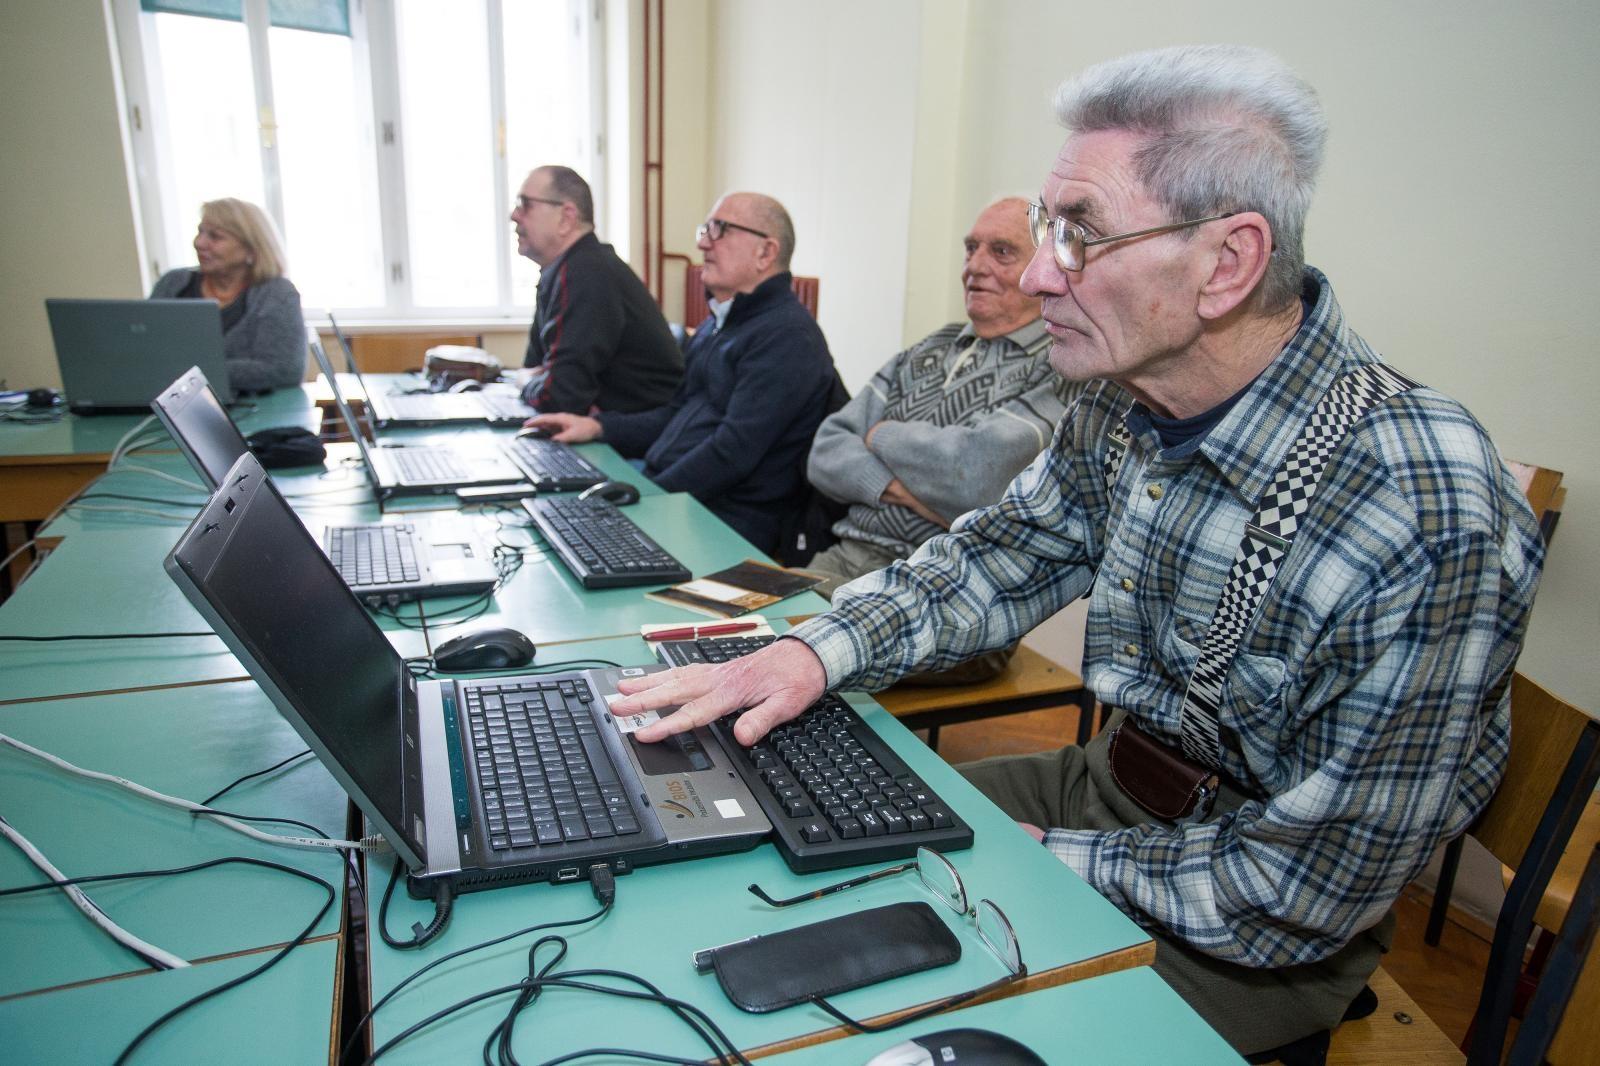 Upokojenci na tečaju informatike Vir:Pixell